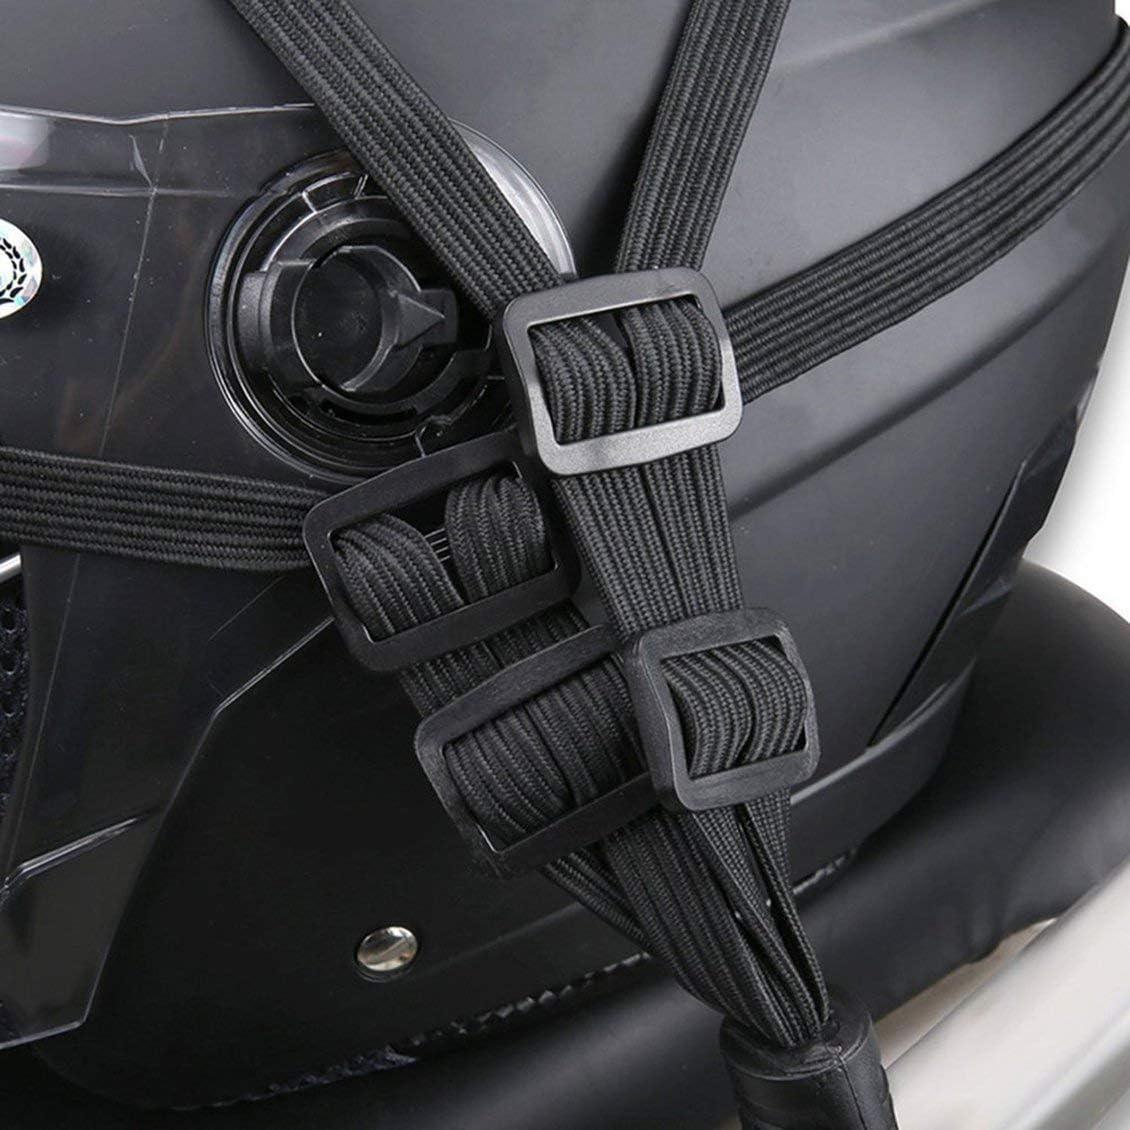 Noir Motocyclette Bagages Casque Corde /Élastique R/étractable Sangle /Élastique R/étractable Casque Moto Bagages Corde avec 2 Crochets